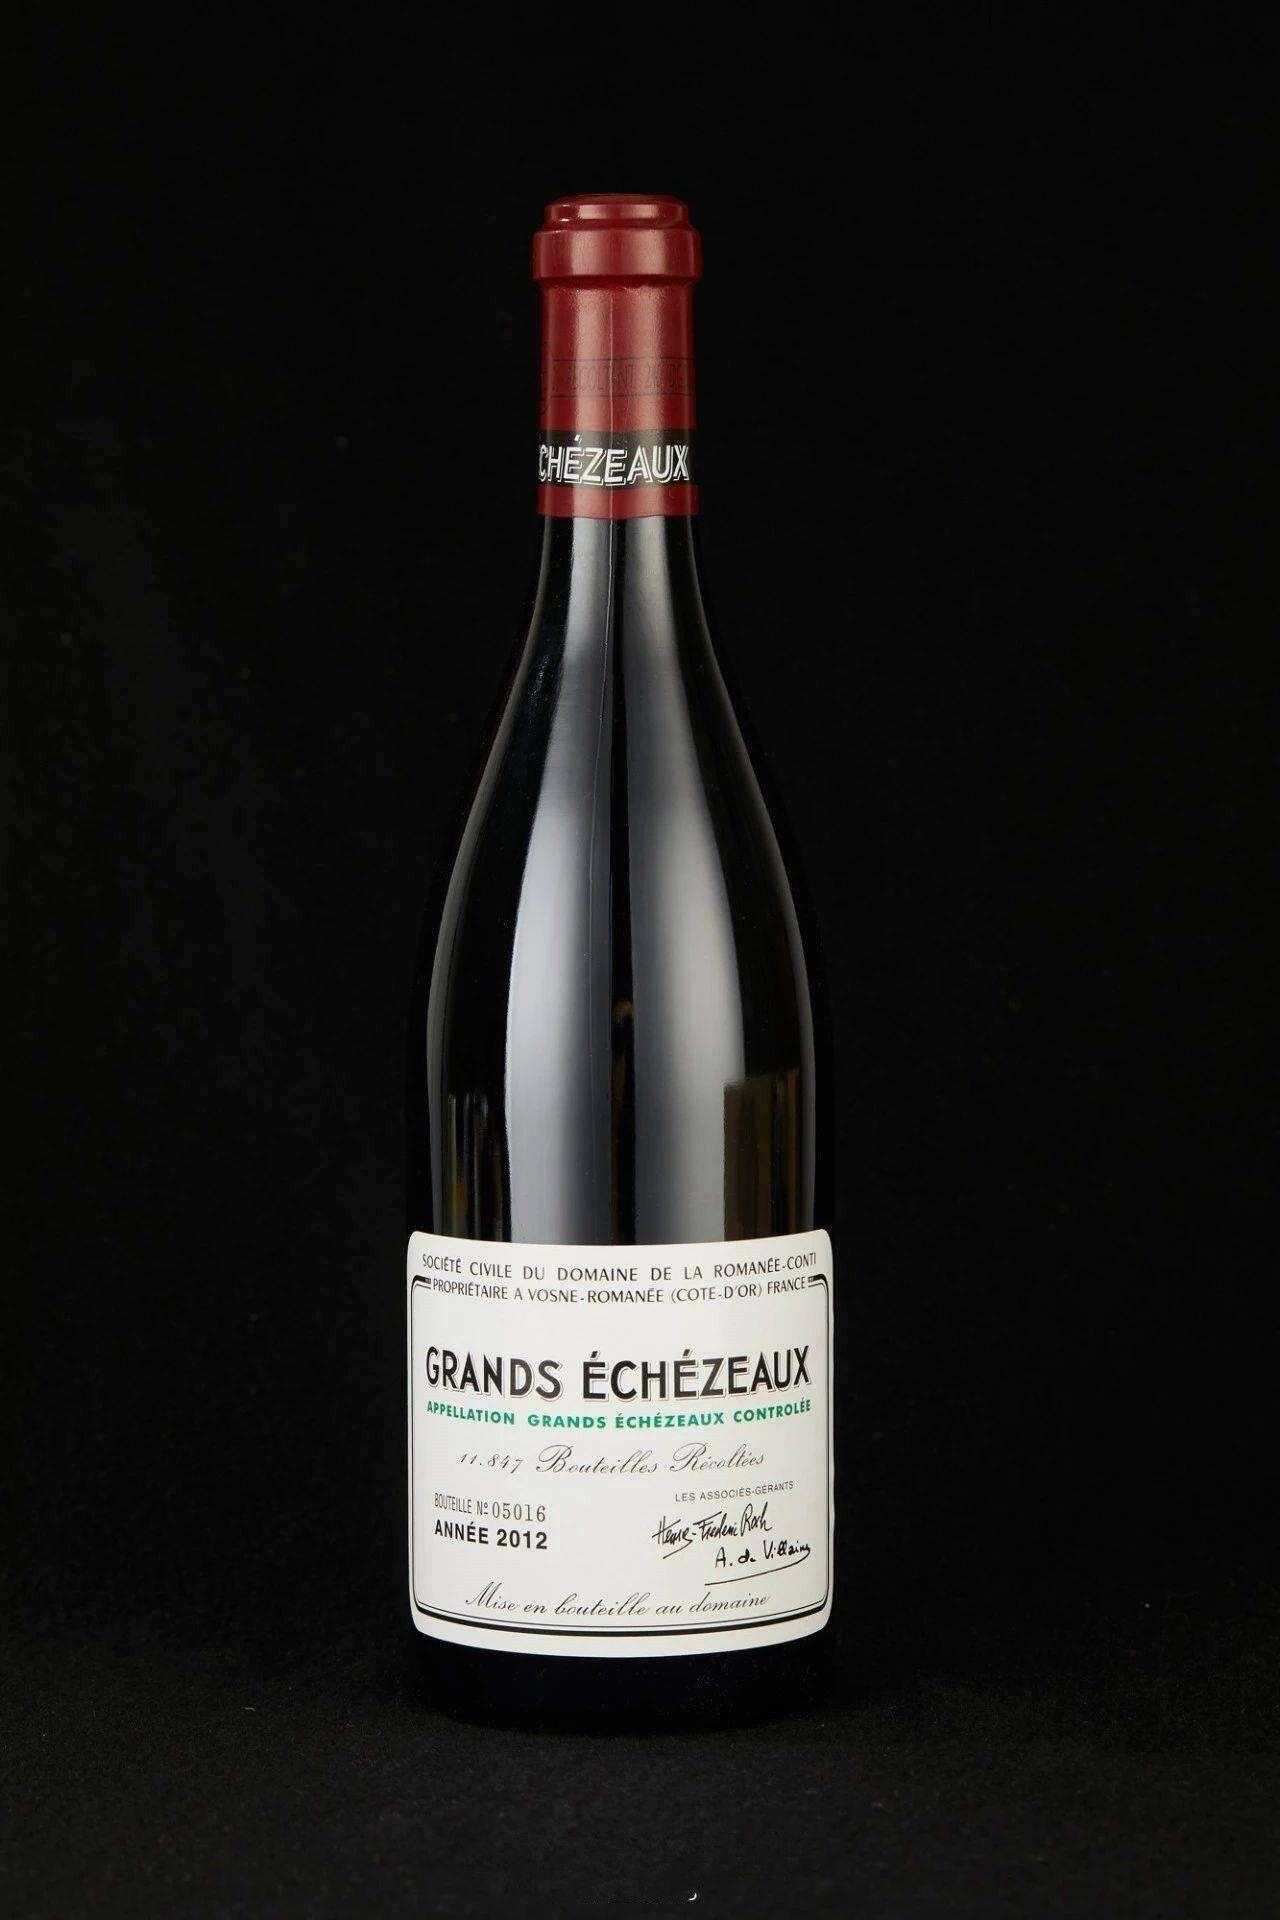 泰安泰山猴年茅台酒回收-86年黑酱茅台酒价格好酒价更高